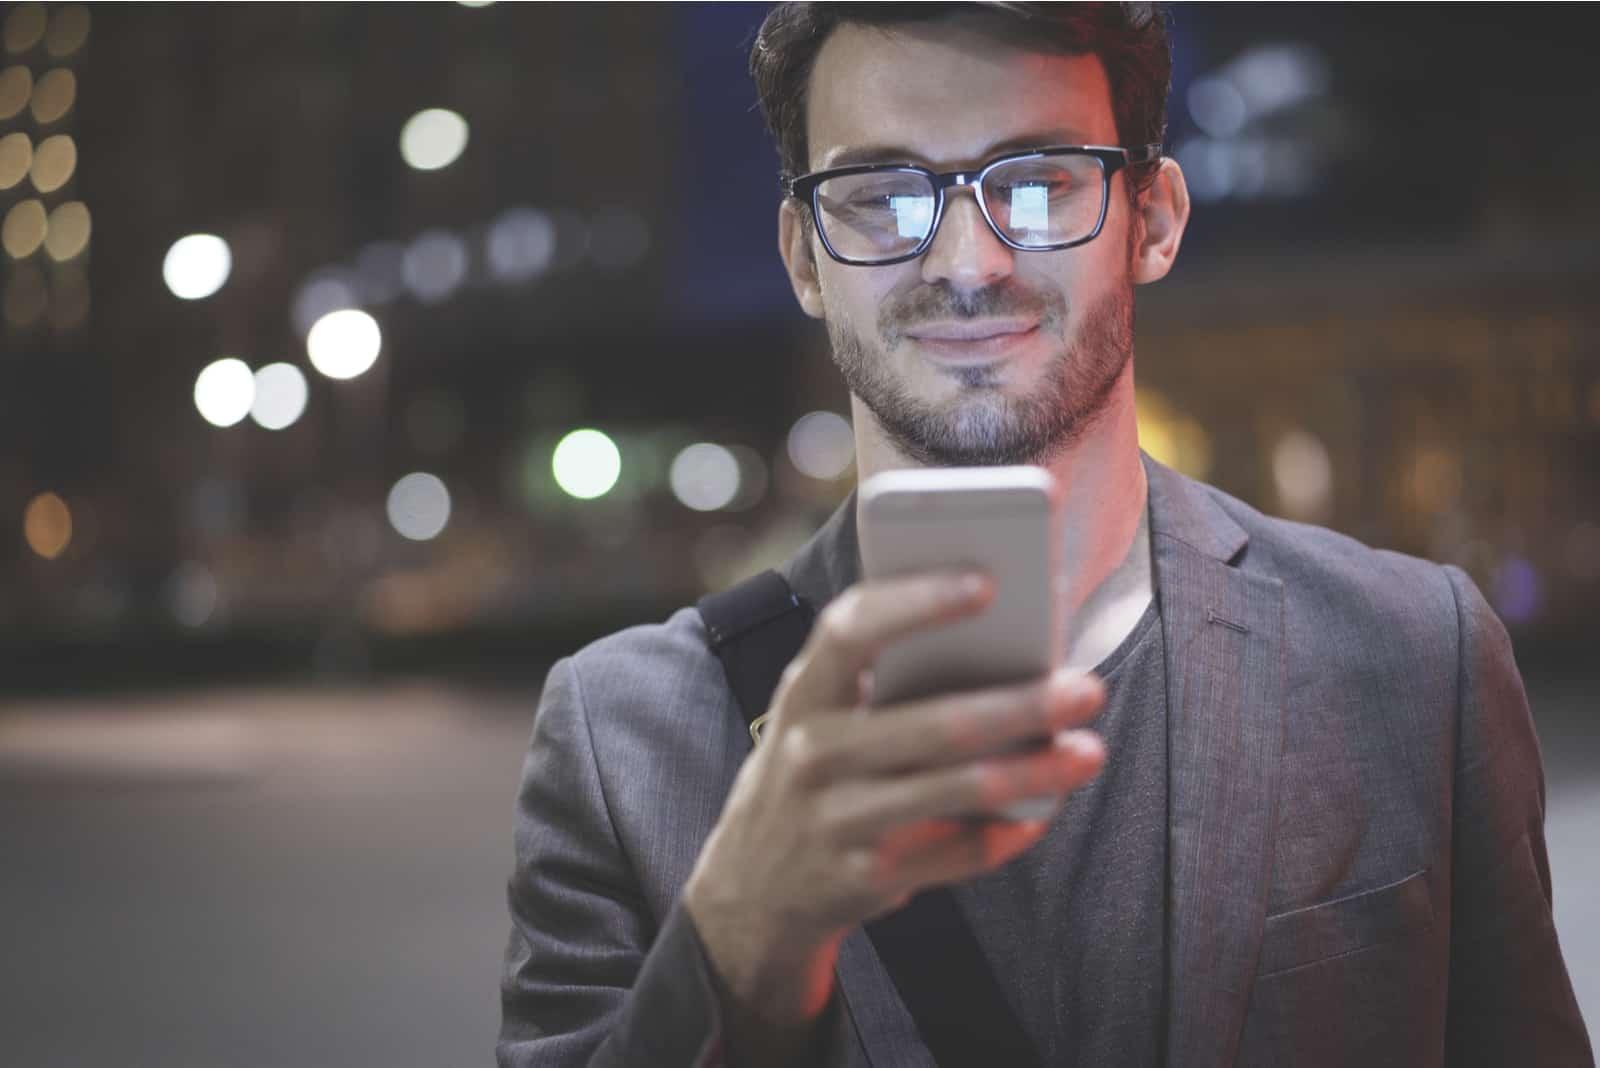 homme portant des lunettes tient des textos de défilement dans son téléphone portable